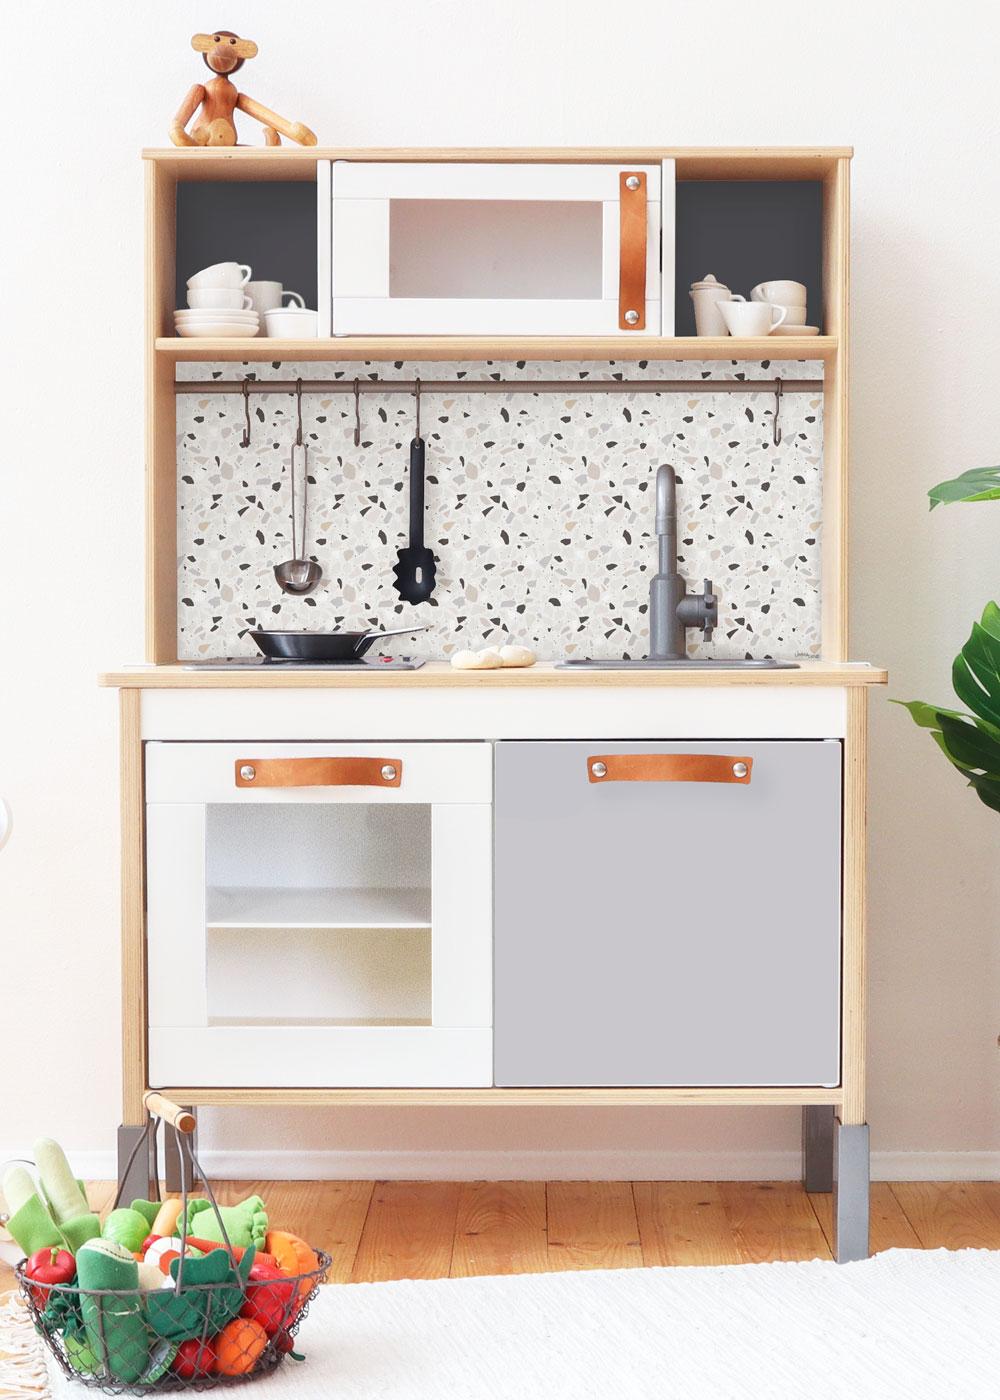 Ikea Duktig Kinderküche Terrazzo Blaugrau Gesamtansicht